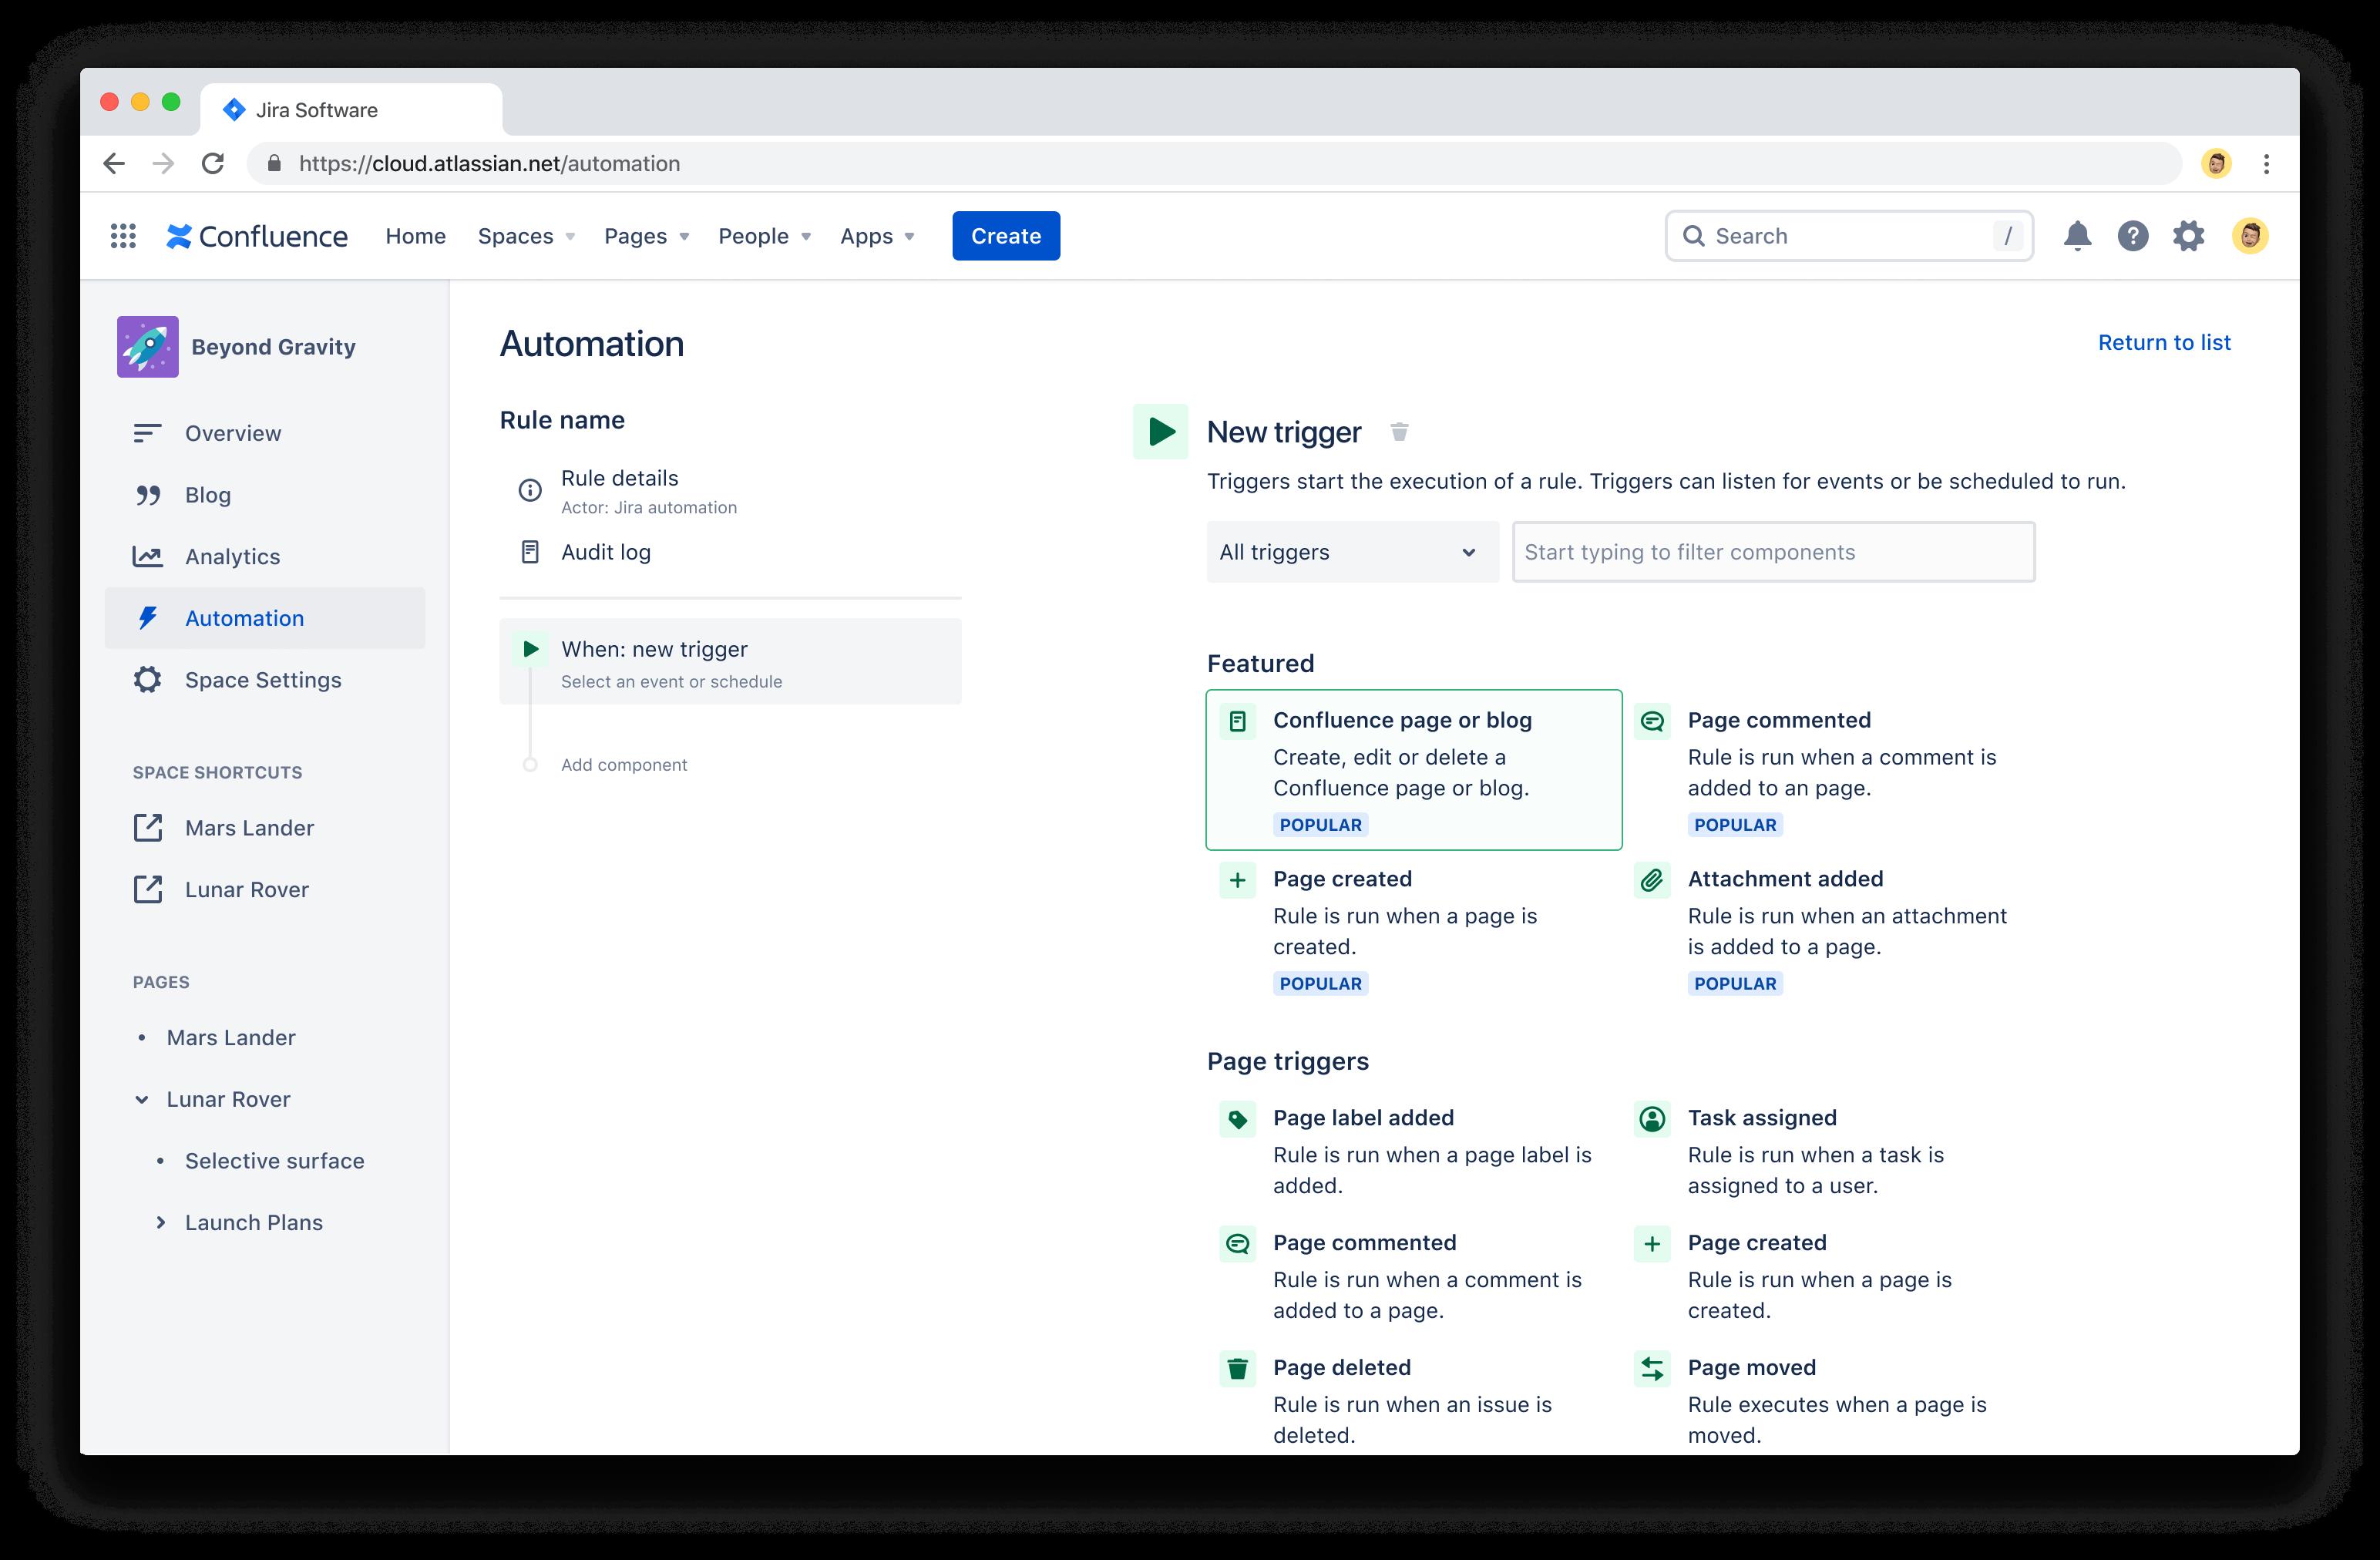 Automation screenshot